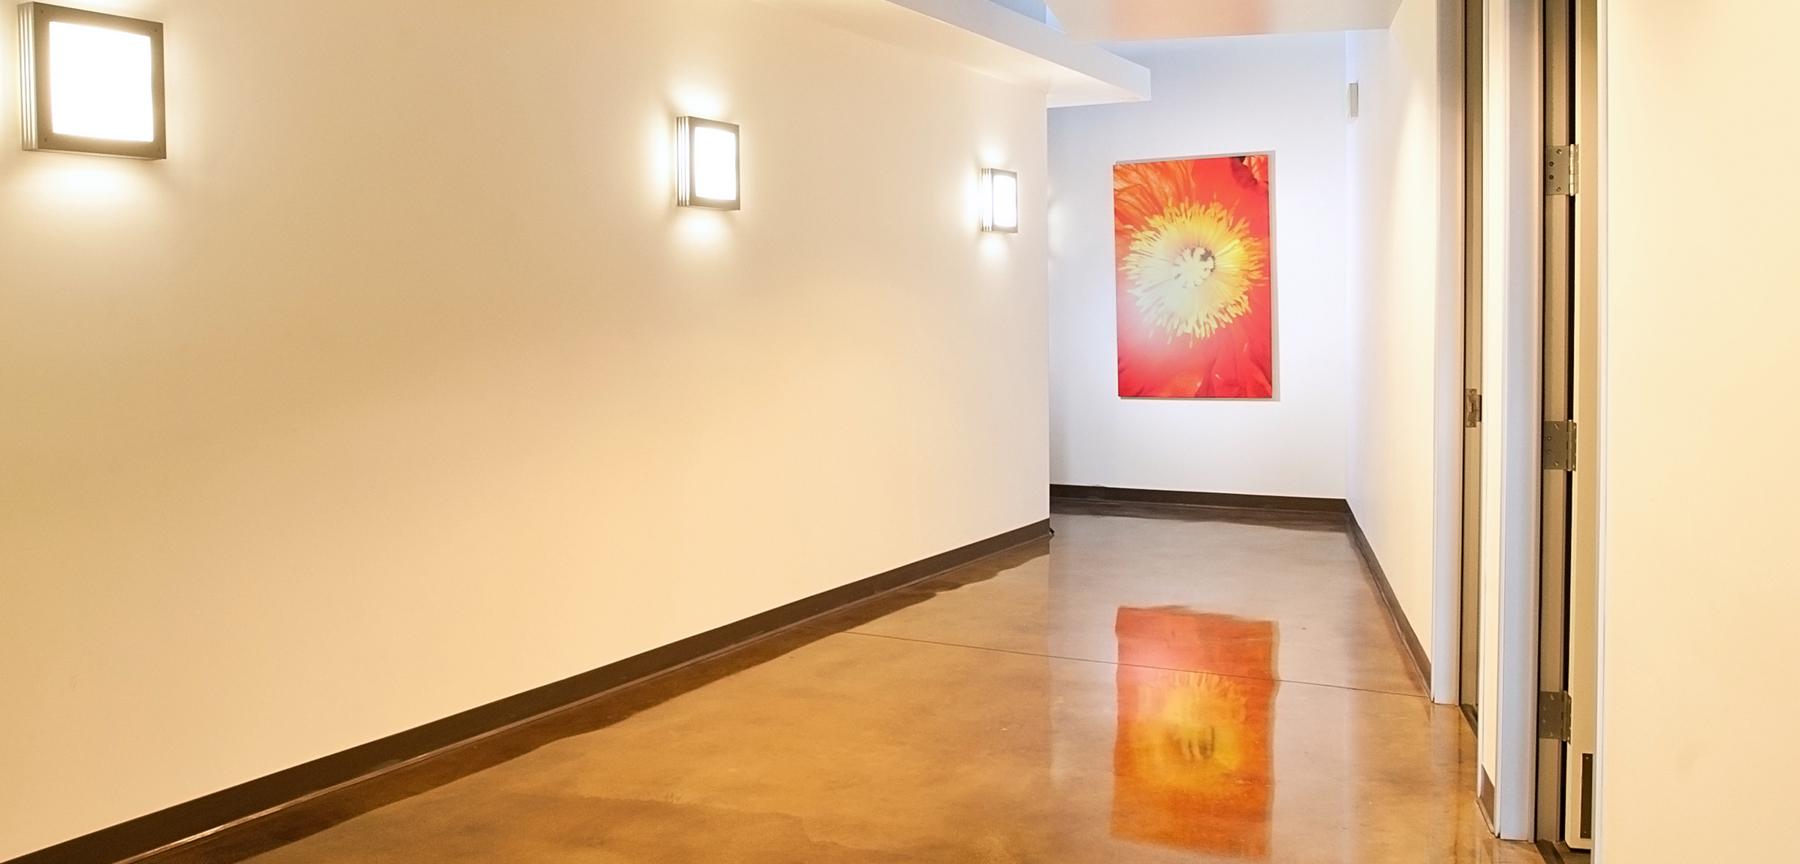 Vein Care Institute hallway